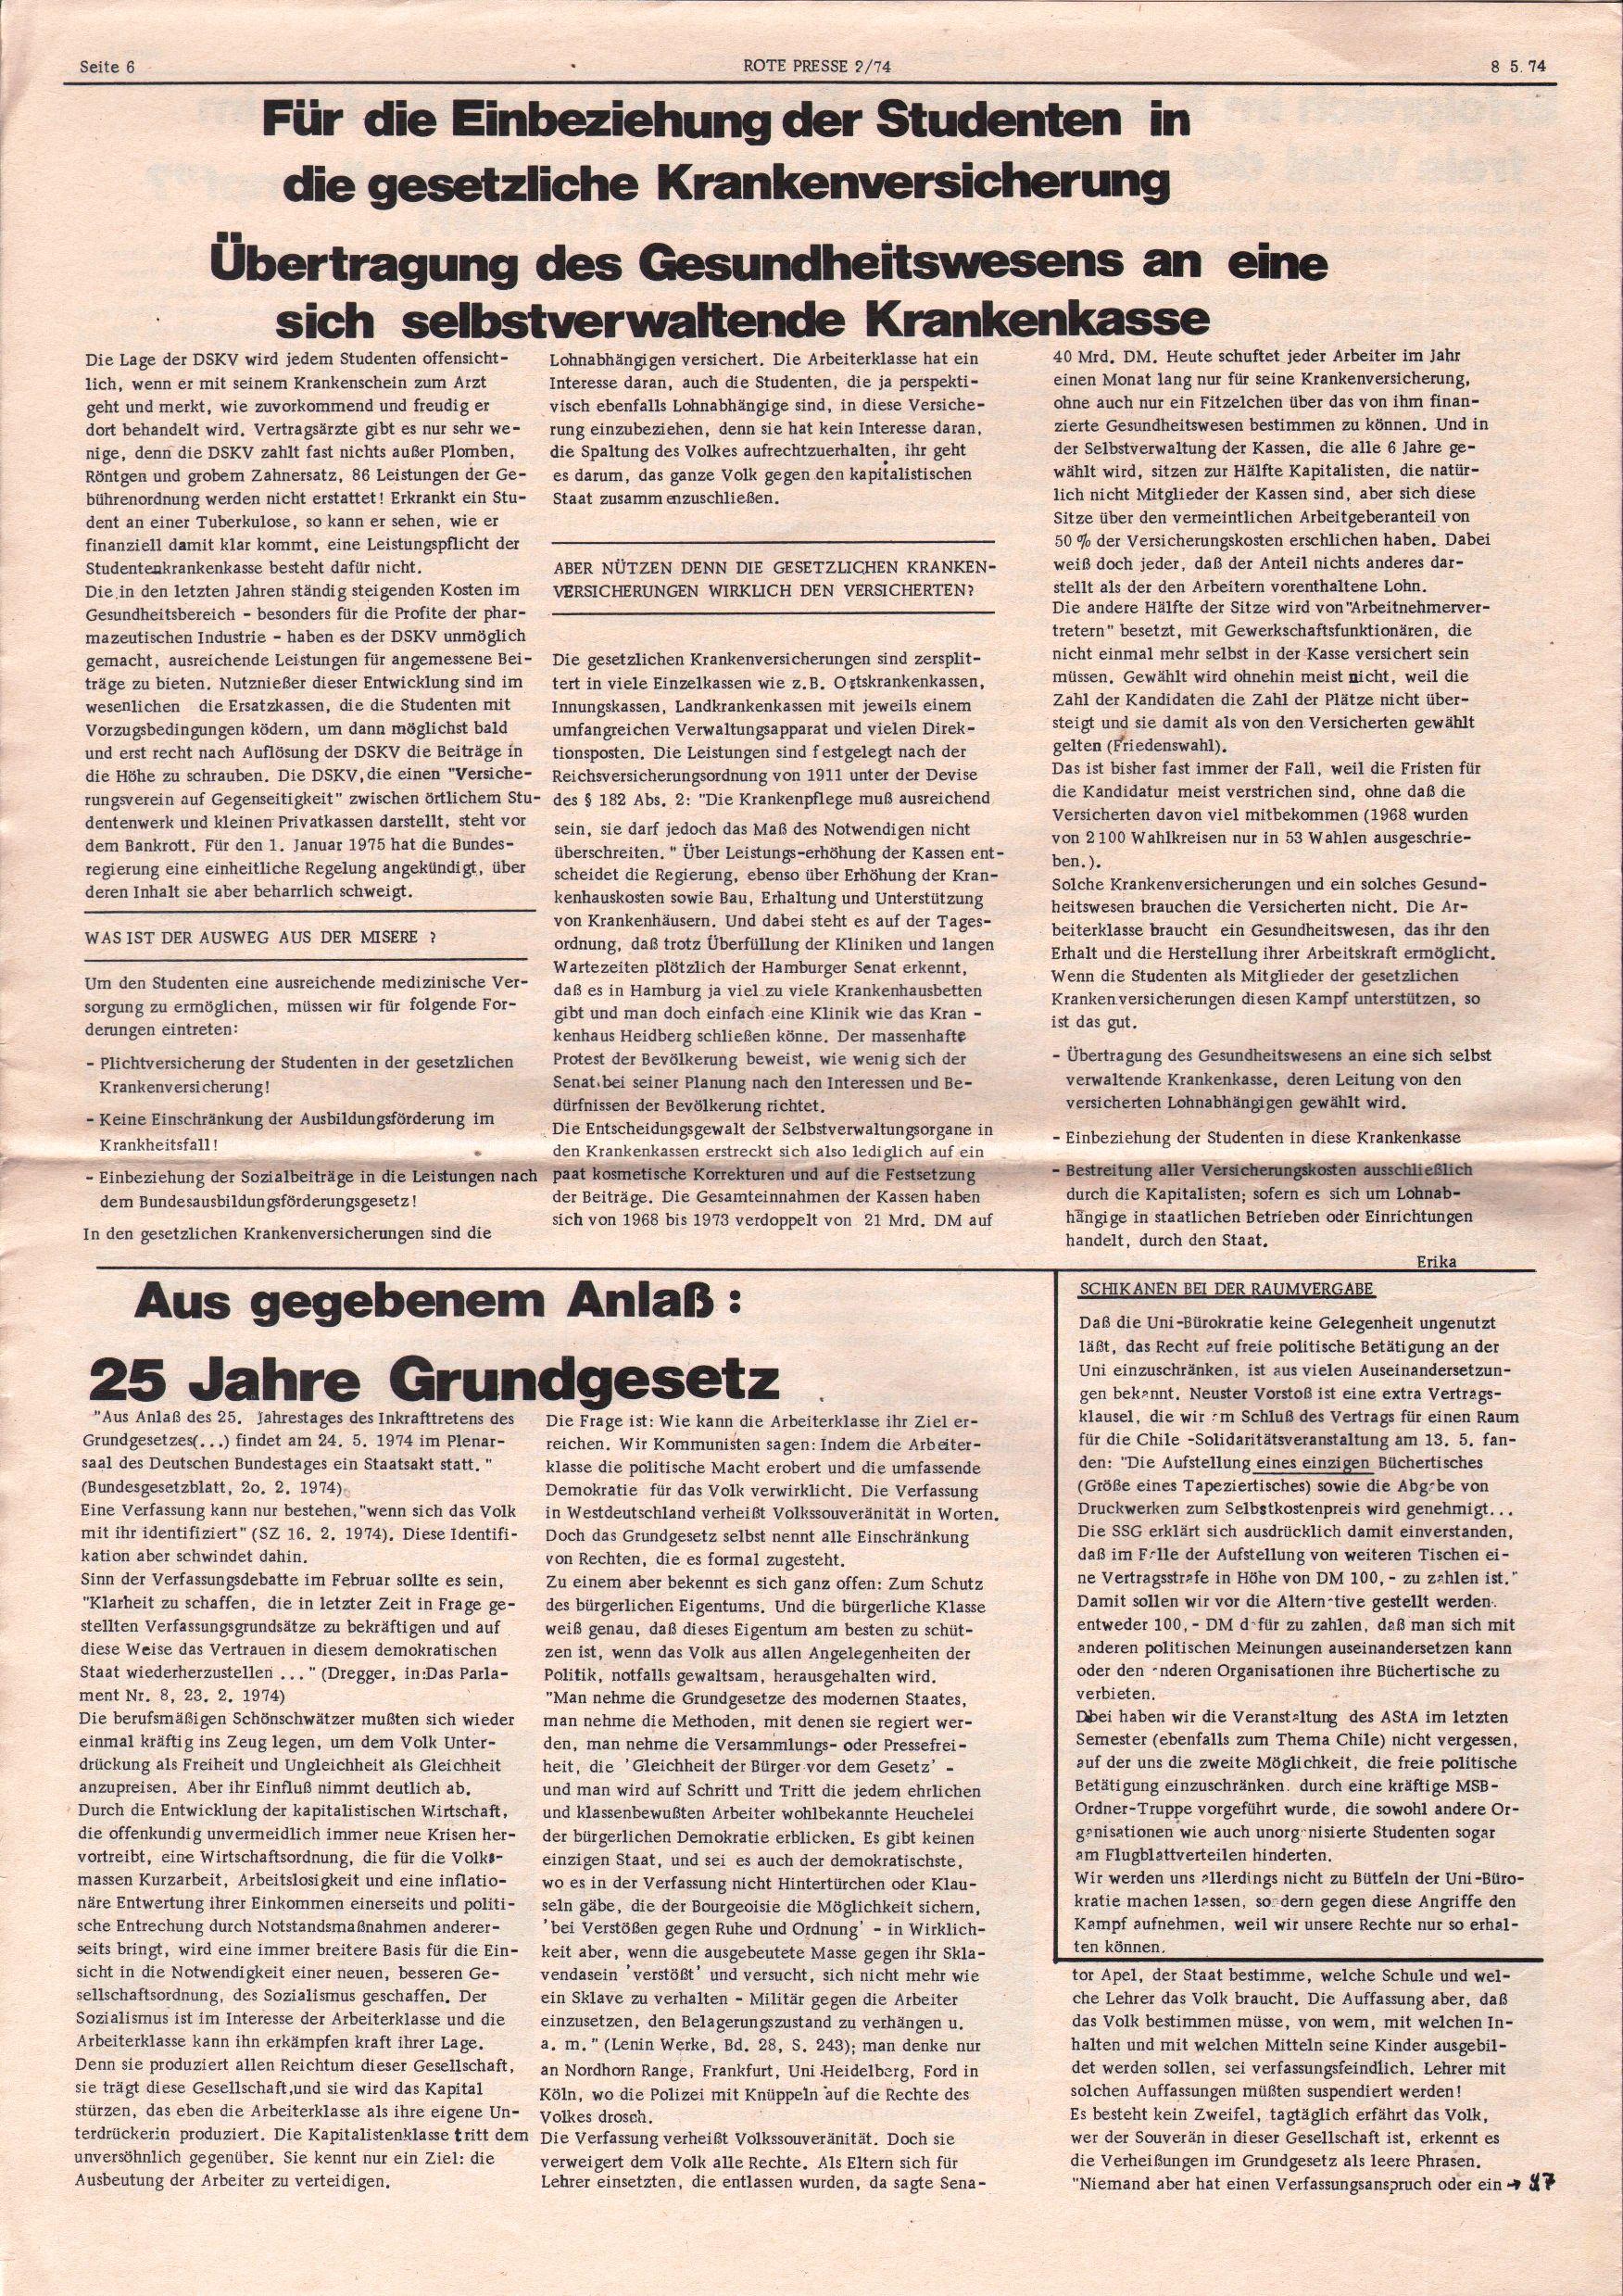 Hamburg_Rote_Presse378